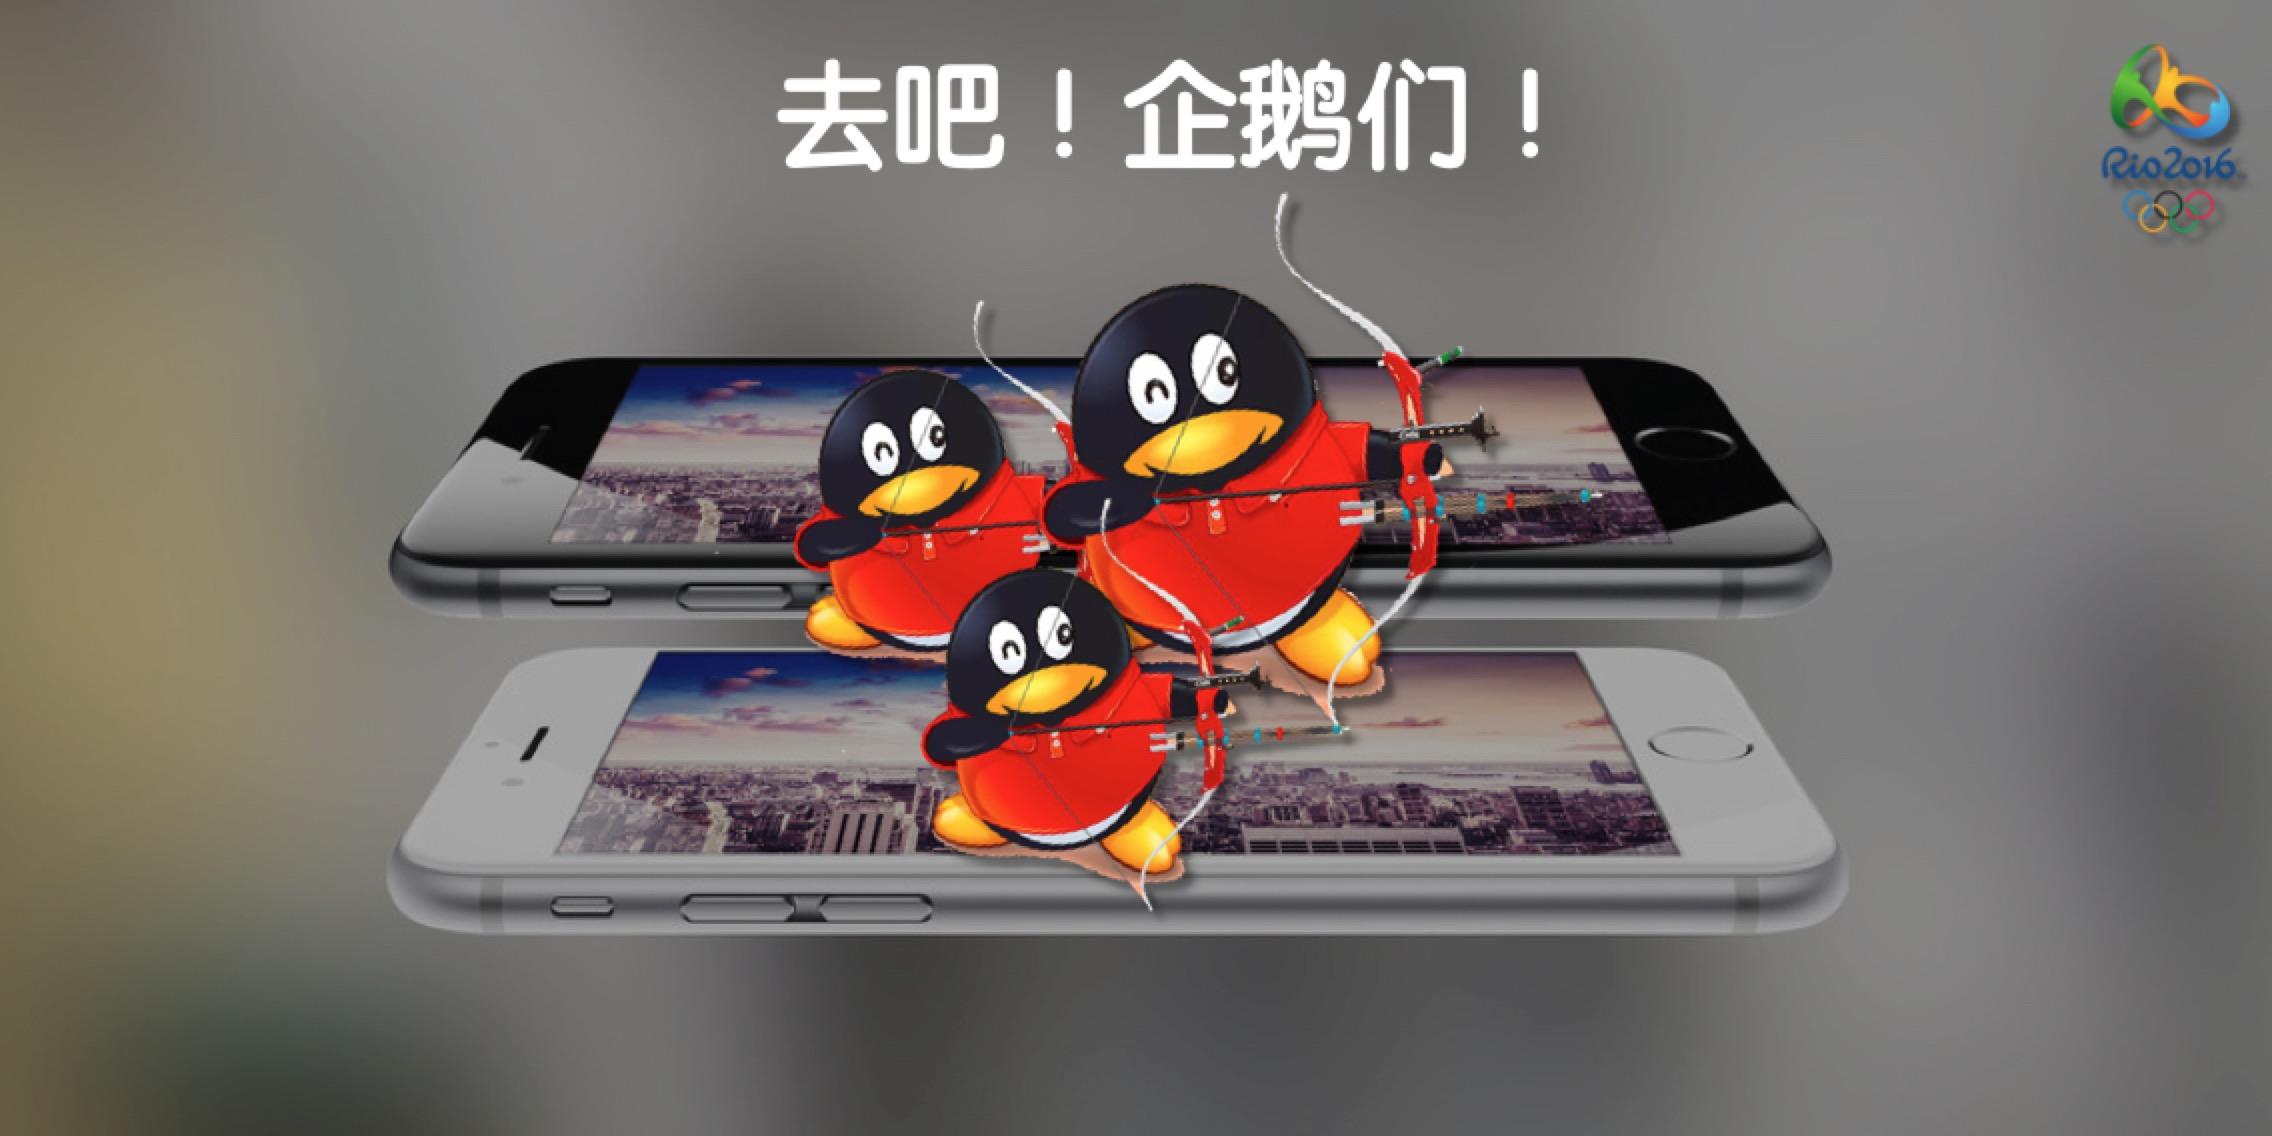 进击的企鹅:手机QQ 火炬传递将引爆国内AR市场